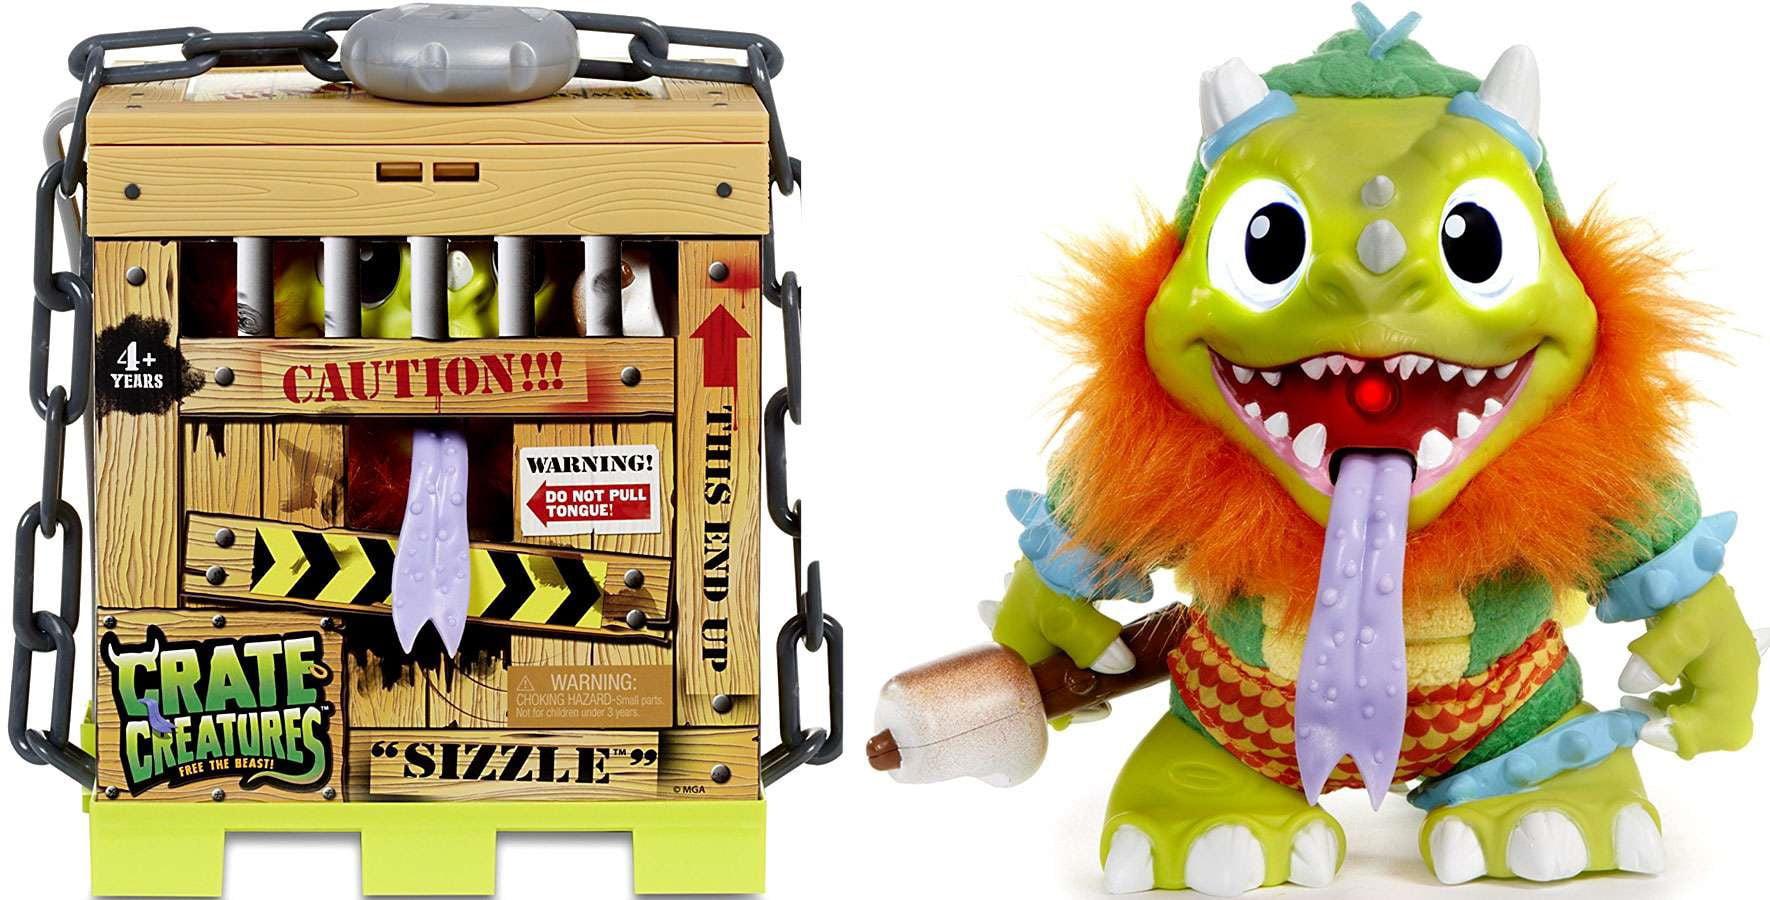 Crate Creatures Surprise! - Sizzle